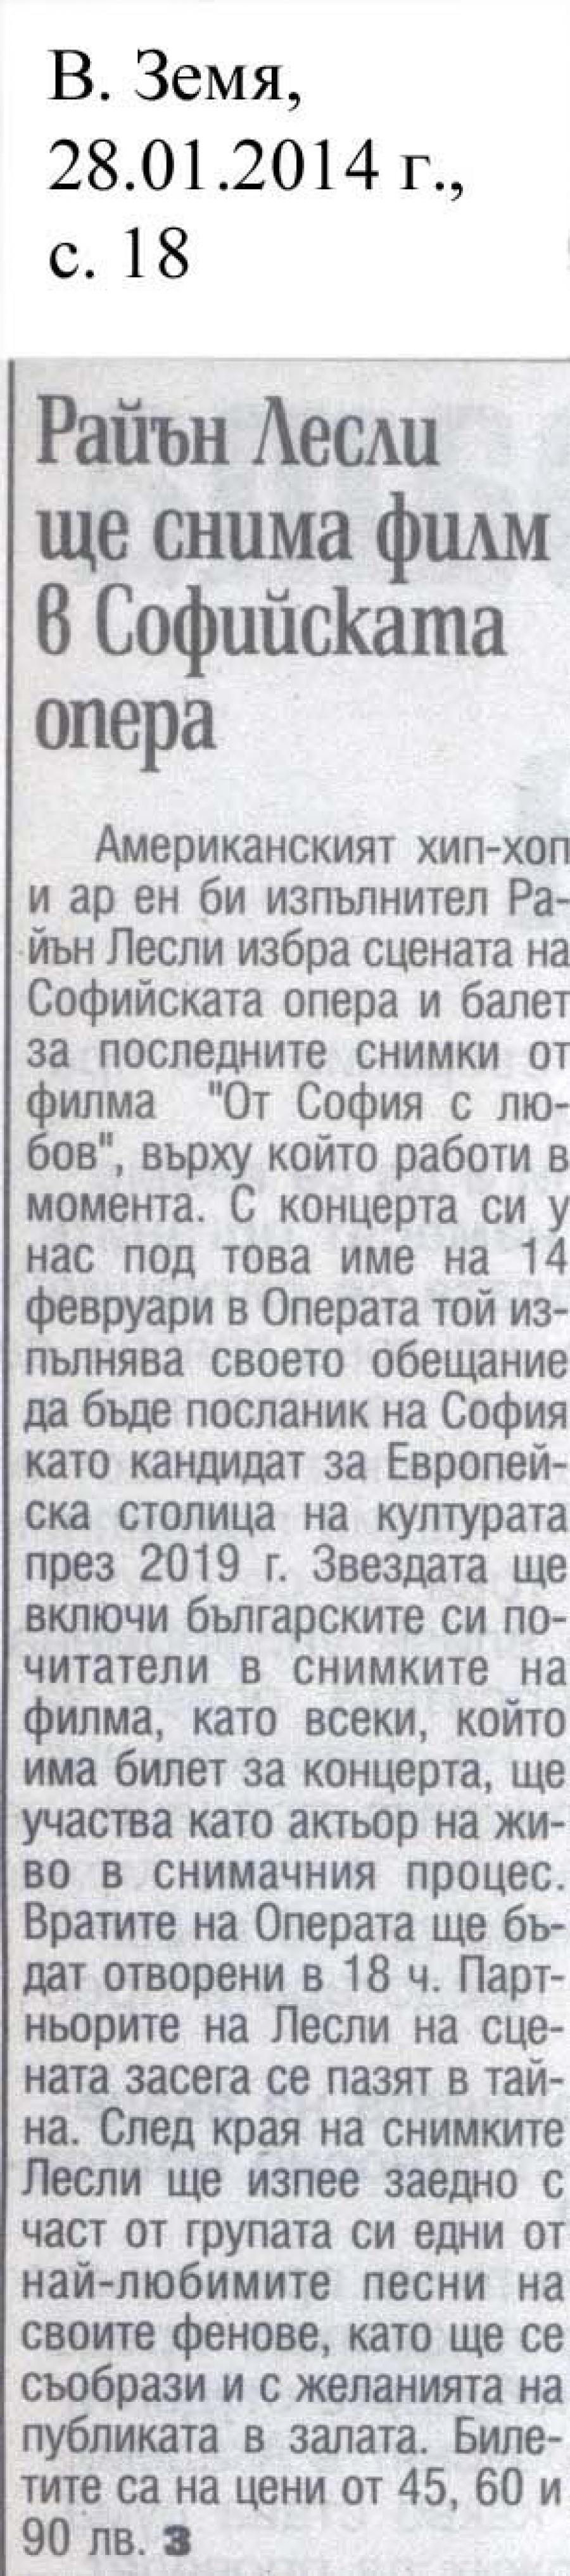 Райън Лесли ще снима филм в Софийската опера - в-к Земя - 28.01.2014